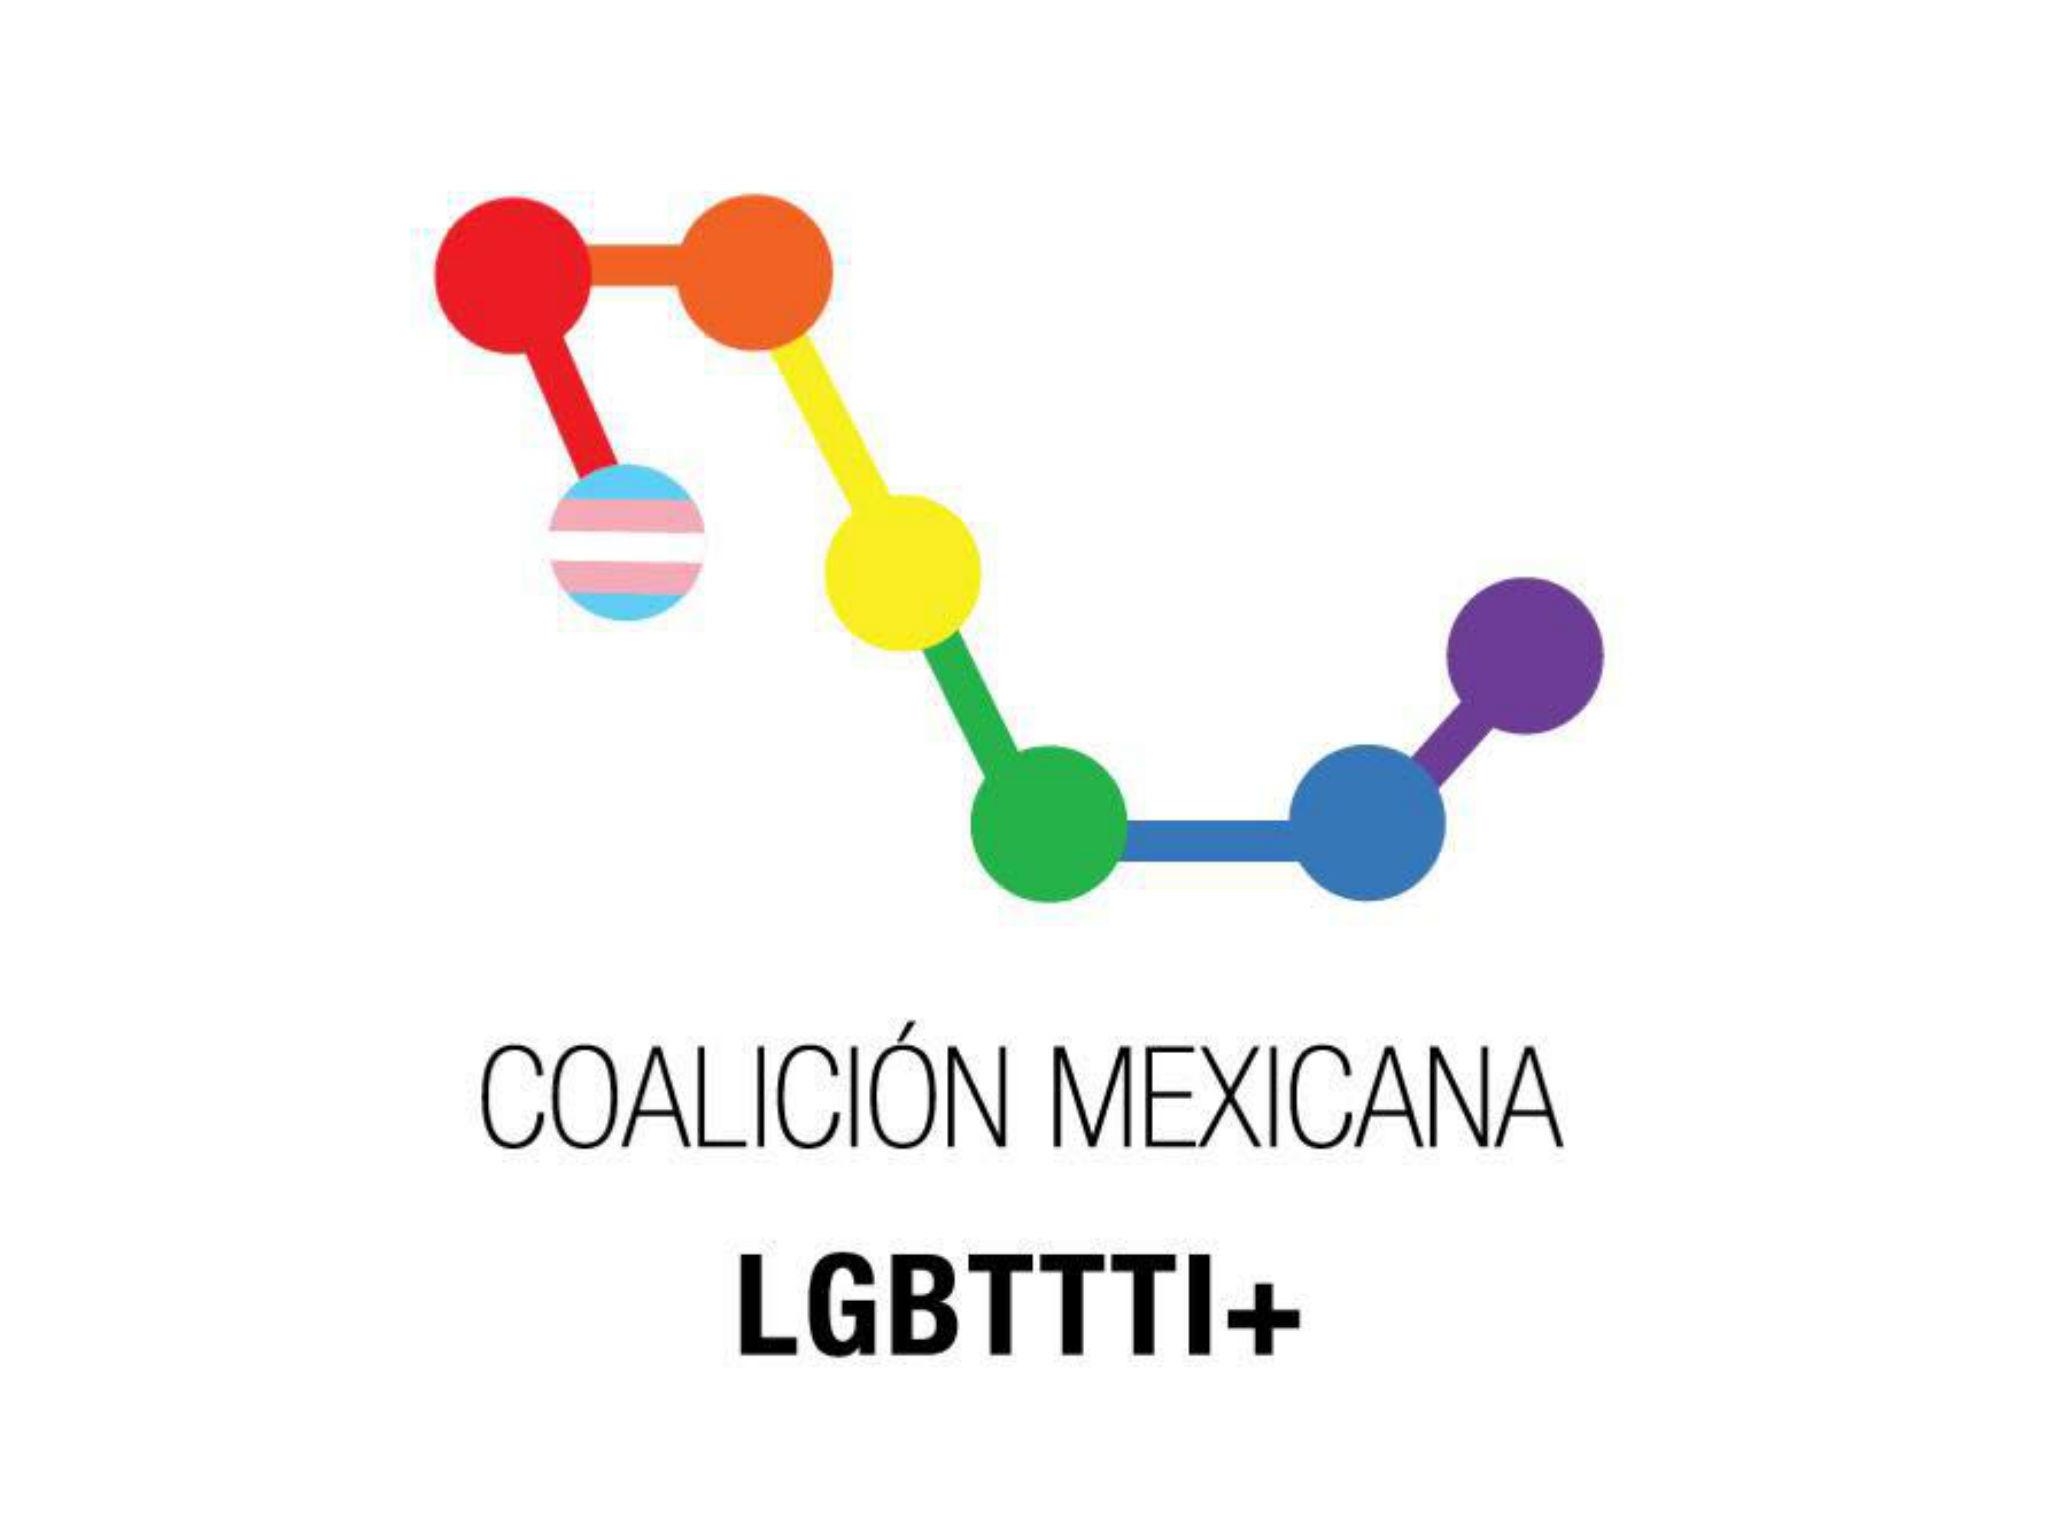 Coalición Mexicana LGBTTTI en la CDMX